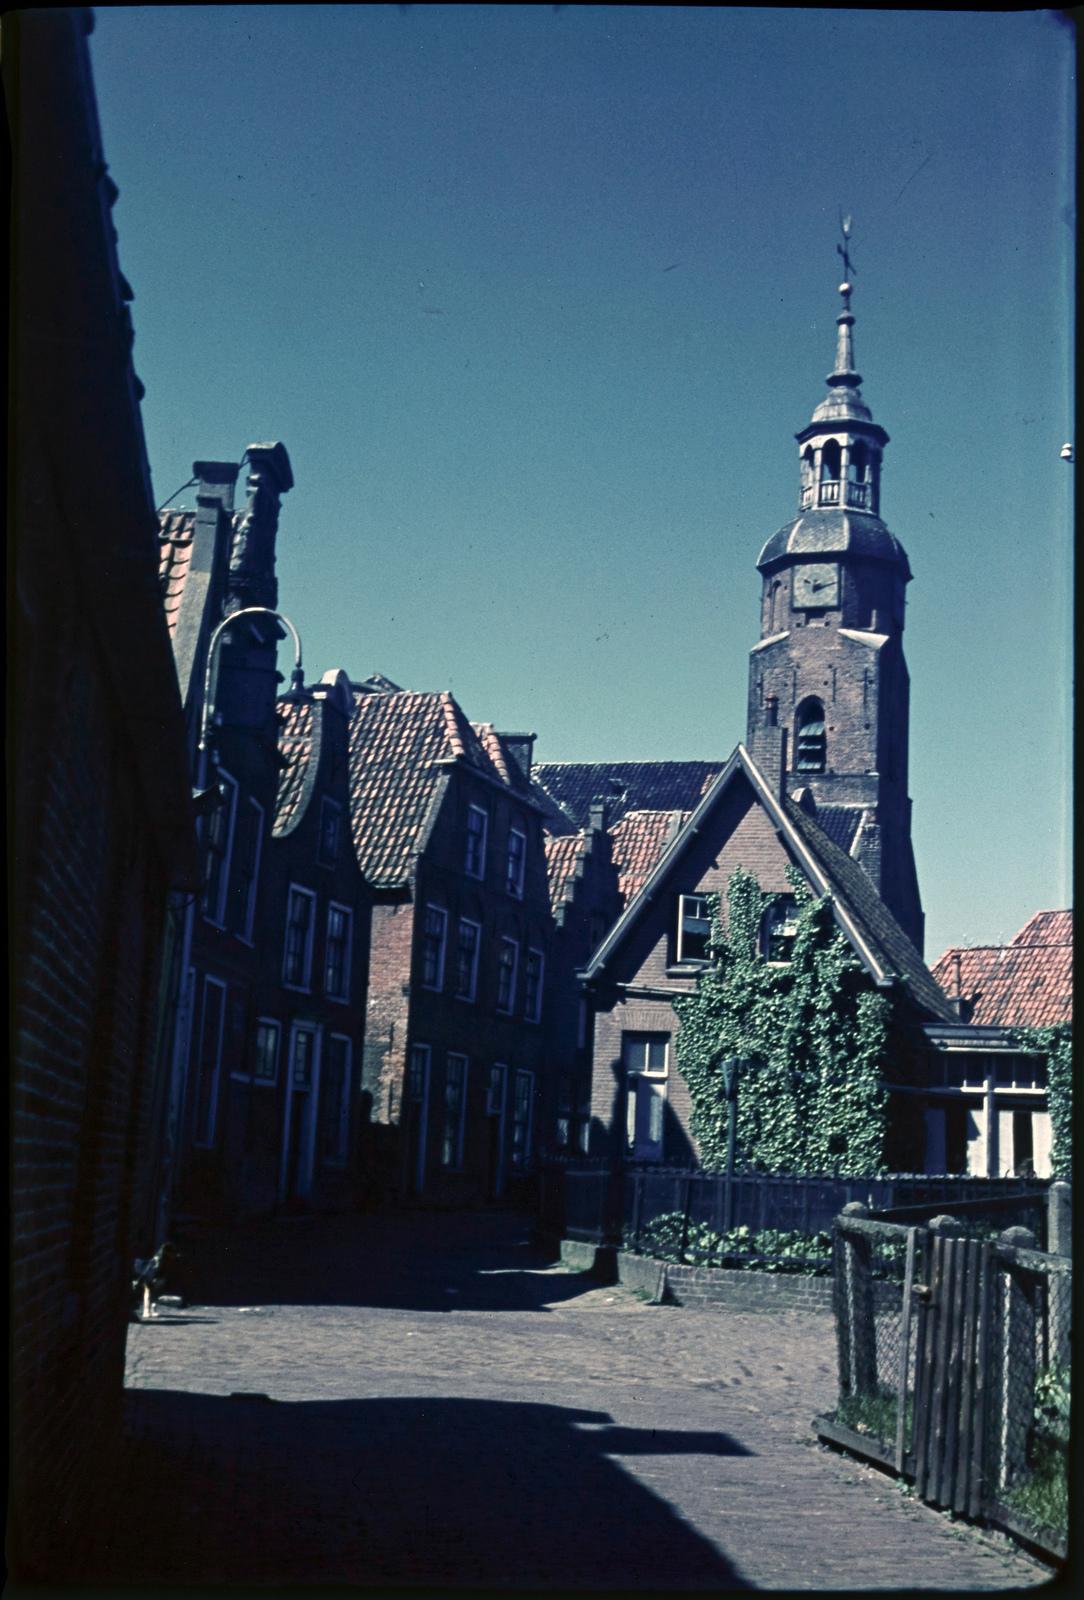 Huizen aan pleintje met daarachter de Ned. Herv. kerktoren